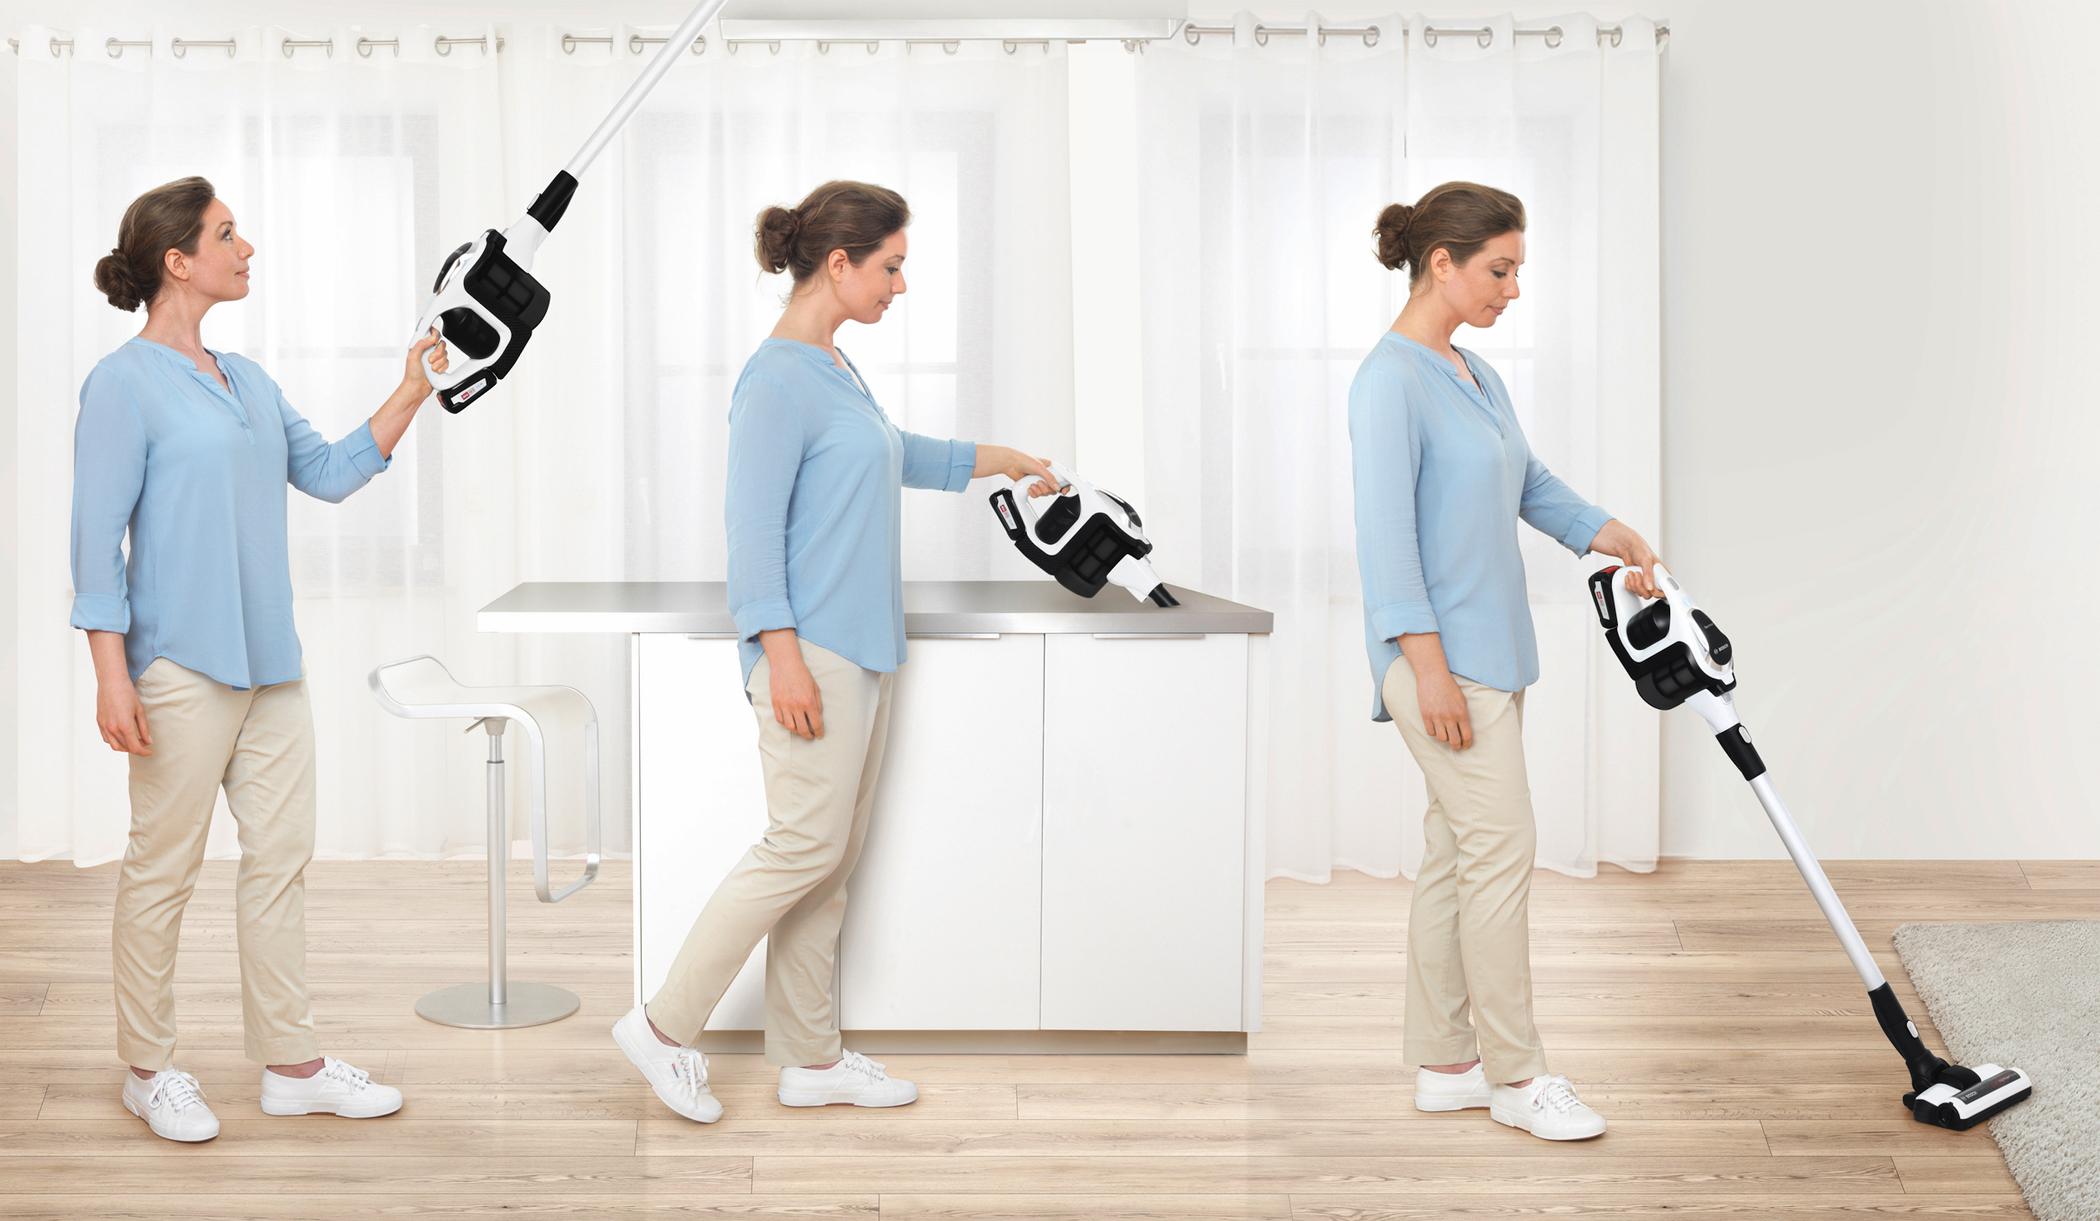 akku staubsauger bosch top von akku staubsauger bosch. Black Bedroom Furniture Sets. Home Design Ideas